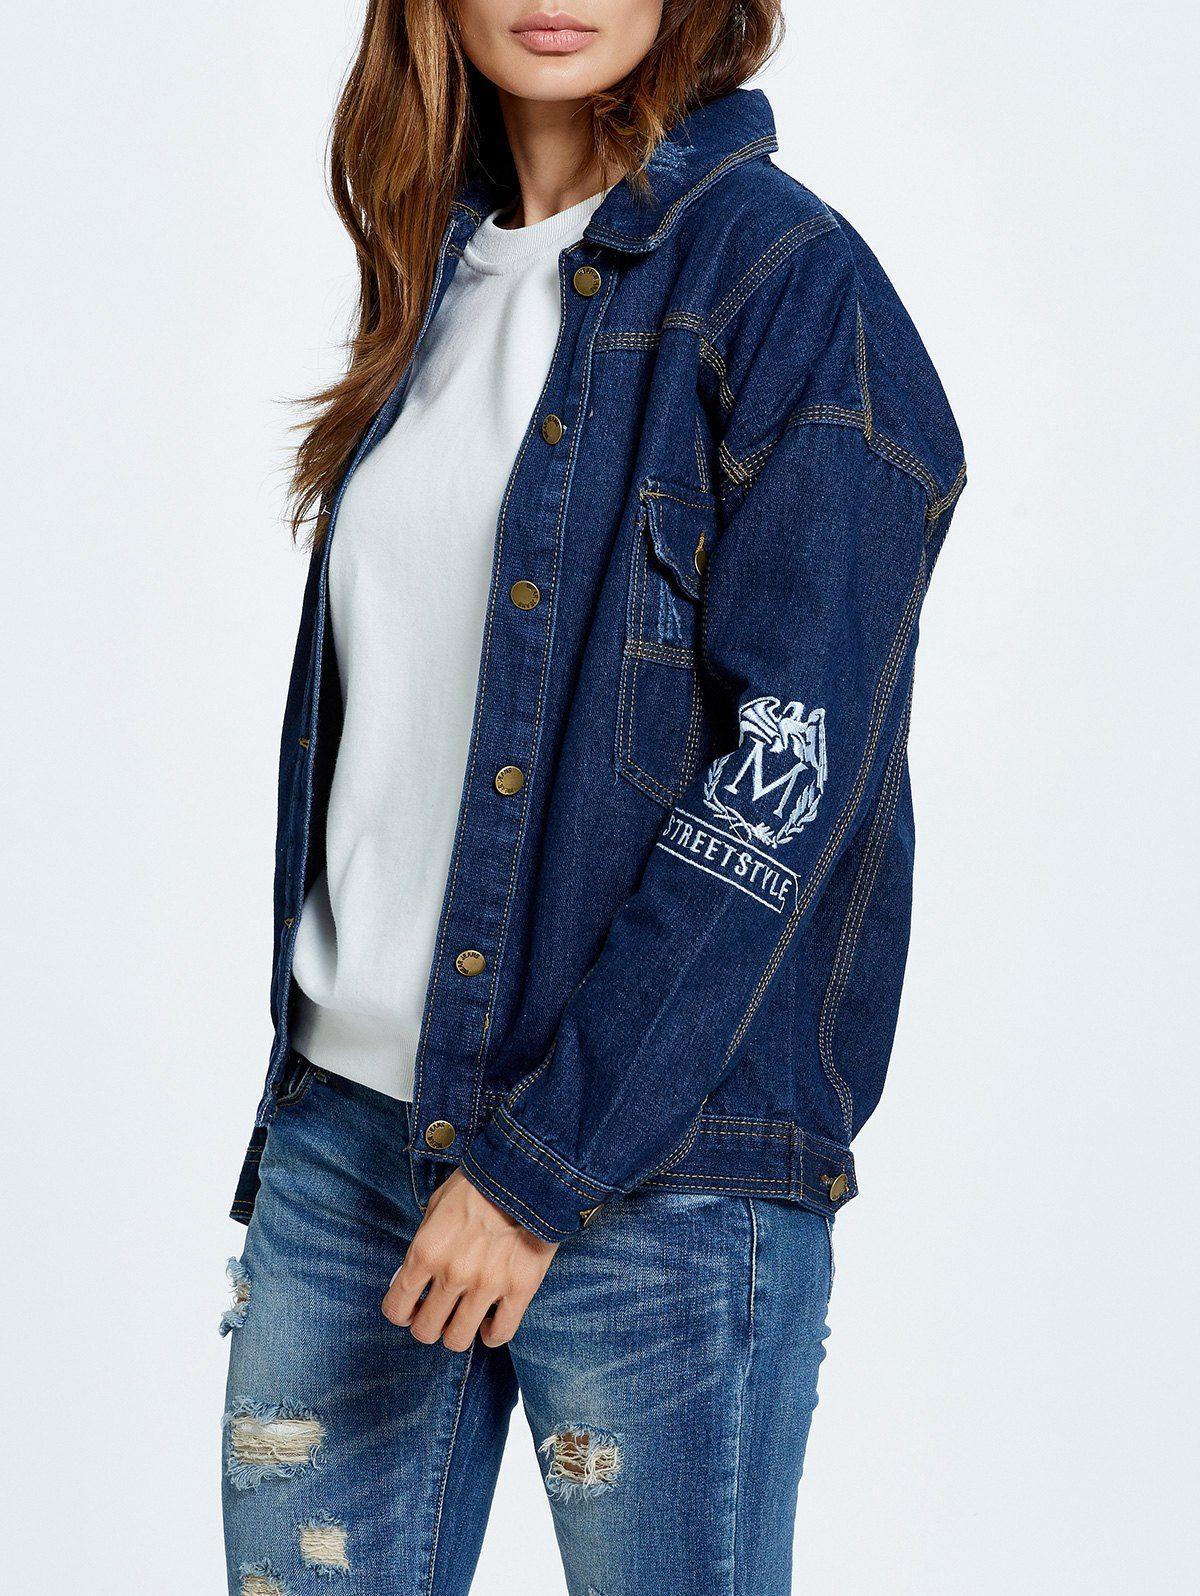 Изображение - Джинсовые куртки - стильно, модно, молодежно! с чем носить джинсовую куртку фото proxy?url=https%3A%2F%2Fratatum.com%2Fwp-content%2Fuploads%2F2017%2F11%2F20161117115946_21451